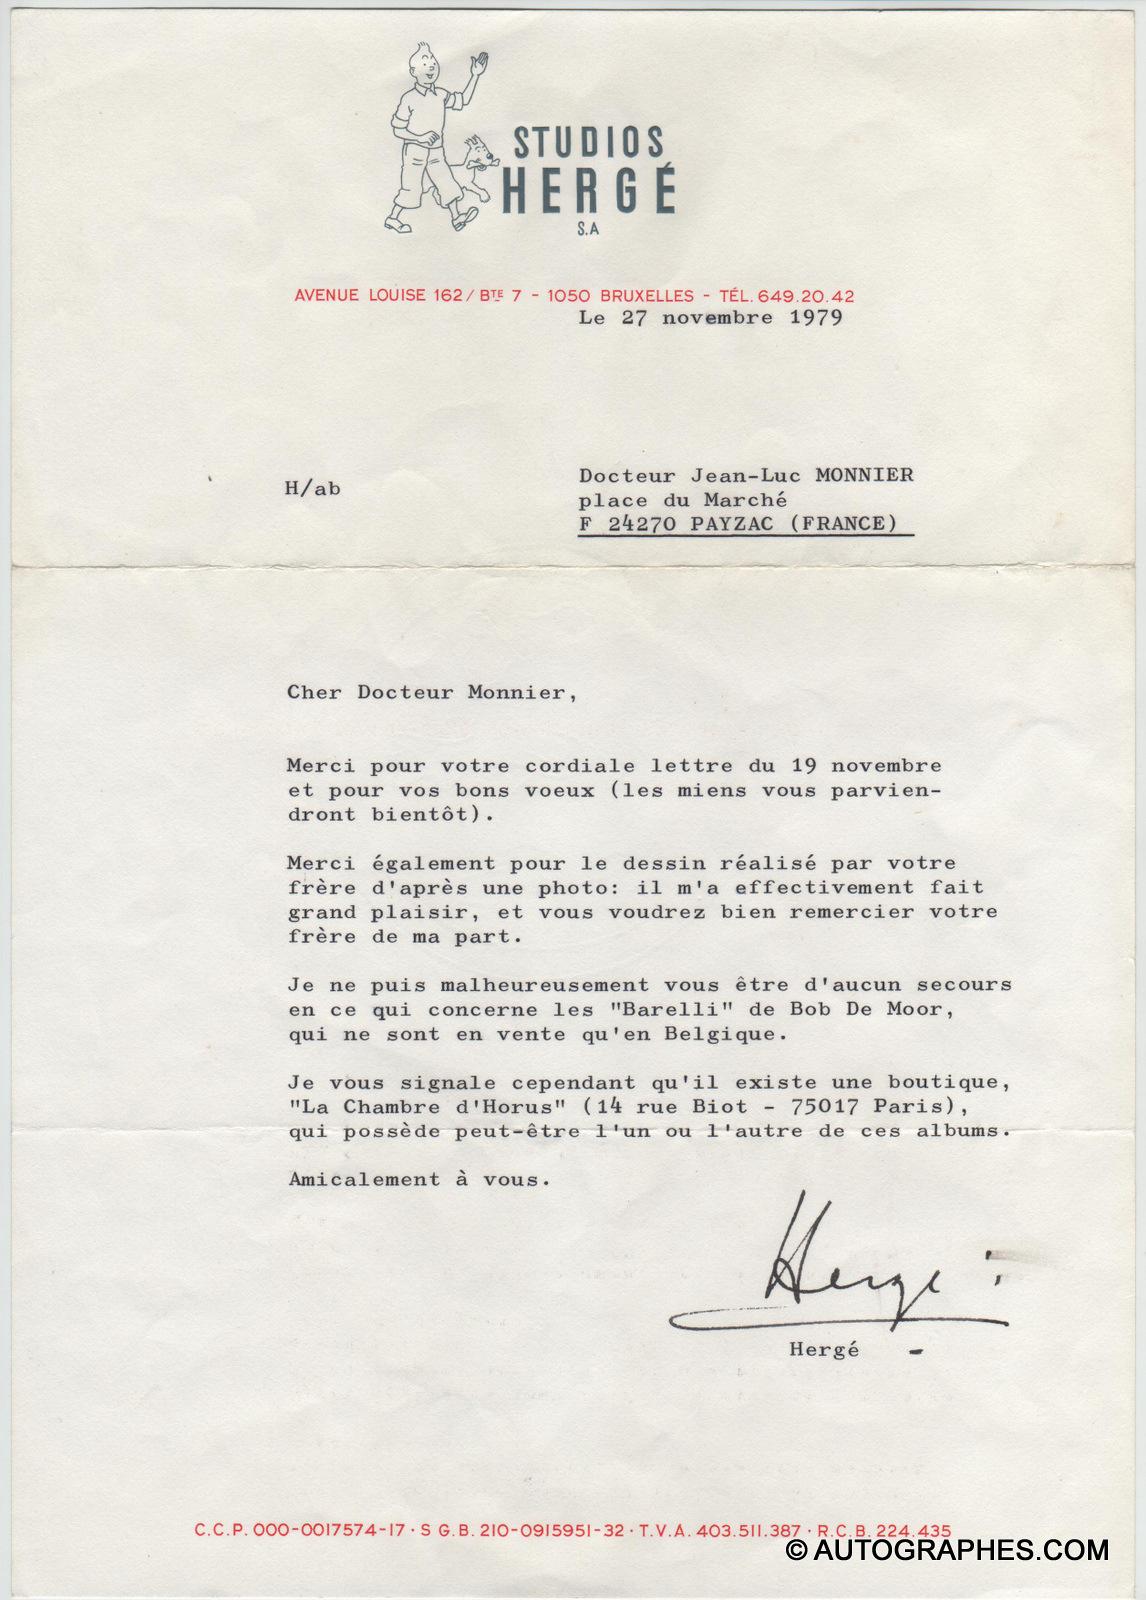 lettre-dactylographiee-signee-herge-bob-de-moor-1975